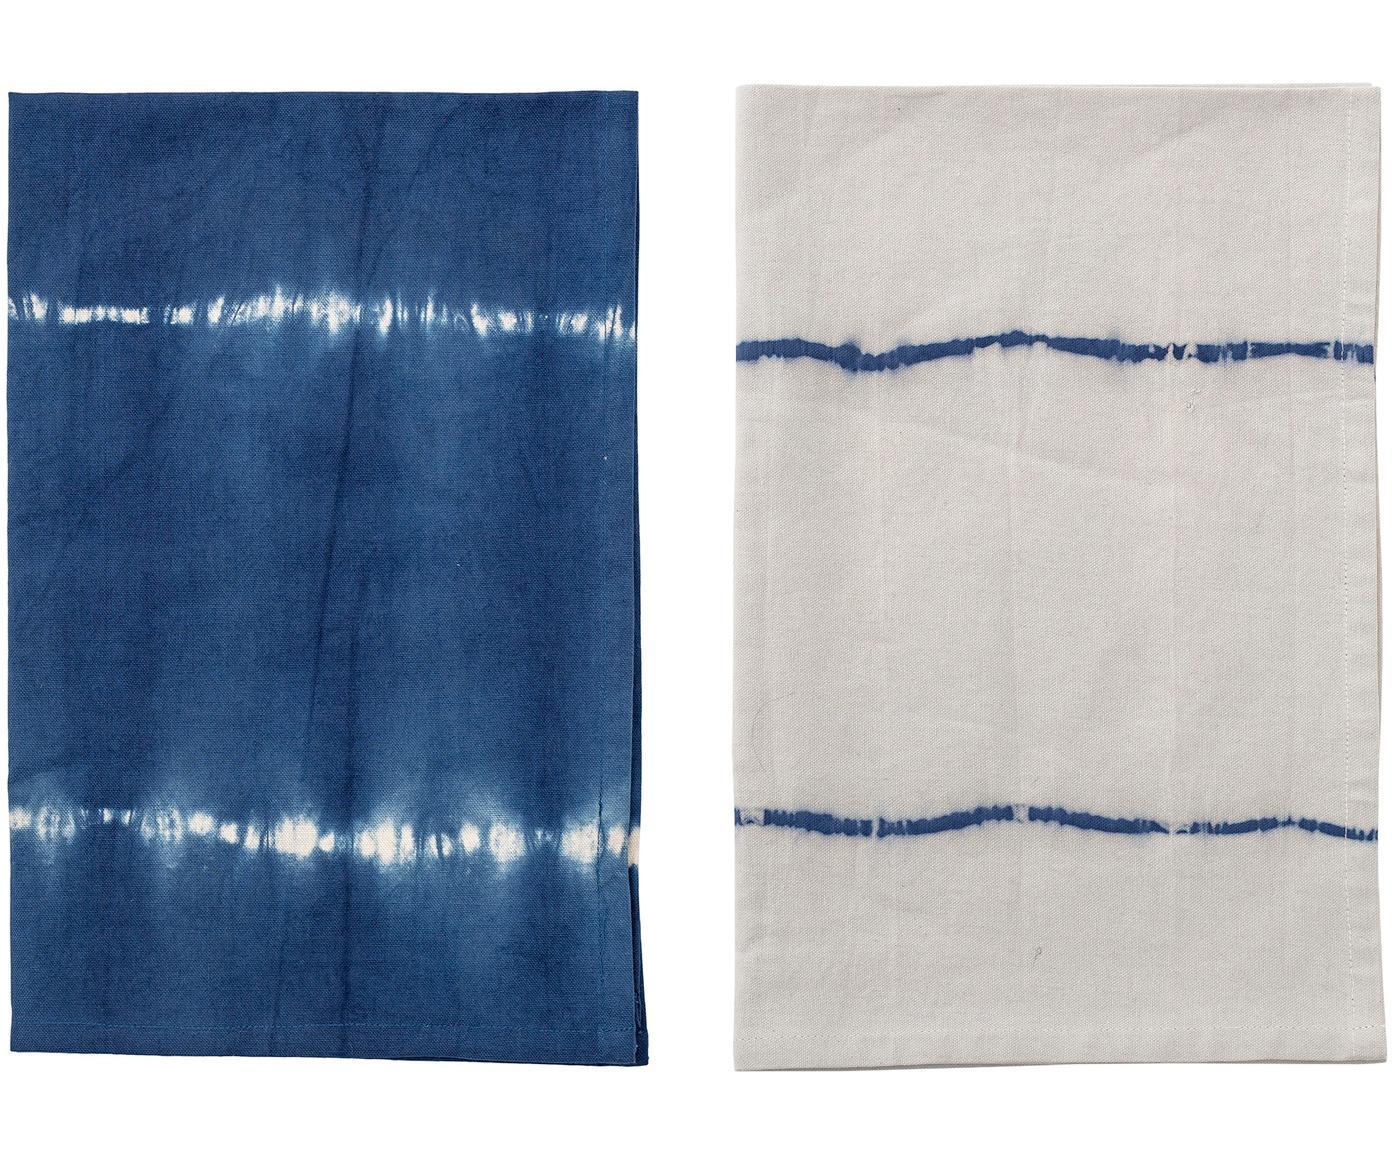 Komplet ręczników kuchennych Alston, 2 elem., Bawełna, Niebieski, S 45 x D 70 cm